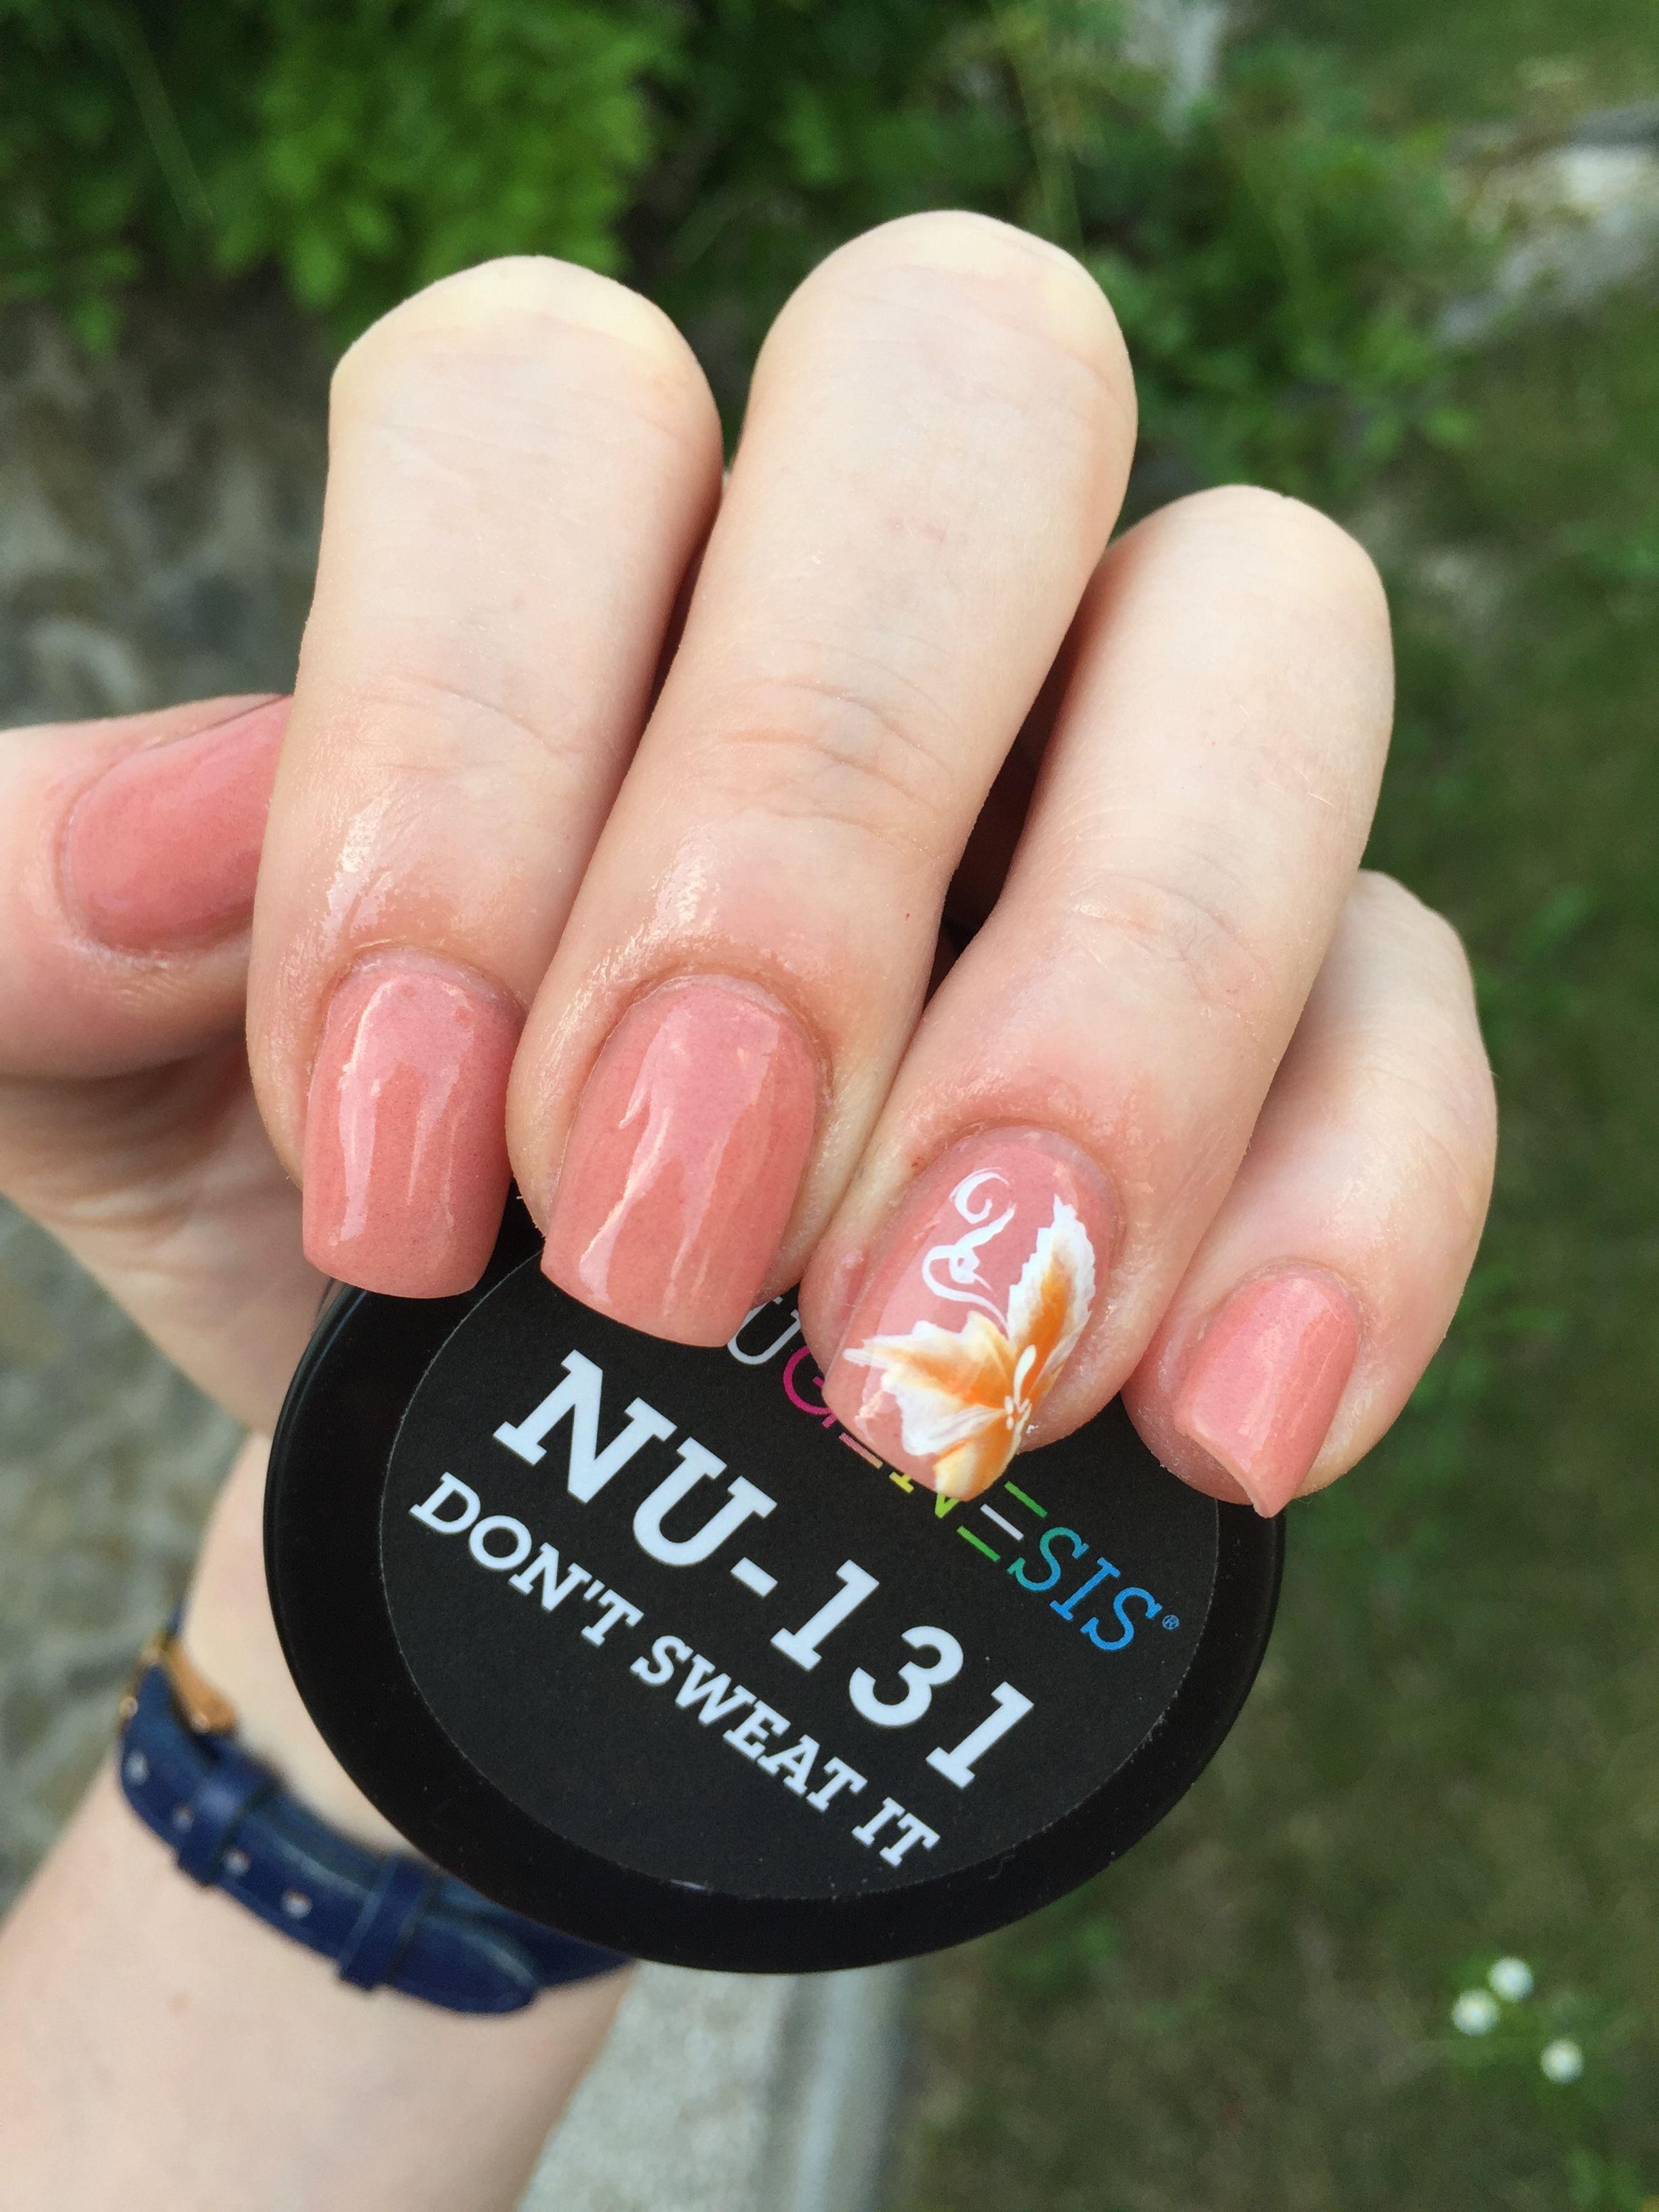 17 Lovely Gel Nails Vs Sns Nails Manicure Ideas Manicure And Pedicure Mani Pedi Nail Ideas Sns Nails 17 Lovel Dip Nail Colors Powder Nails Dip Powder Nails